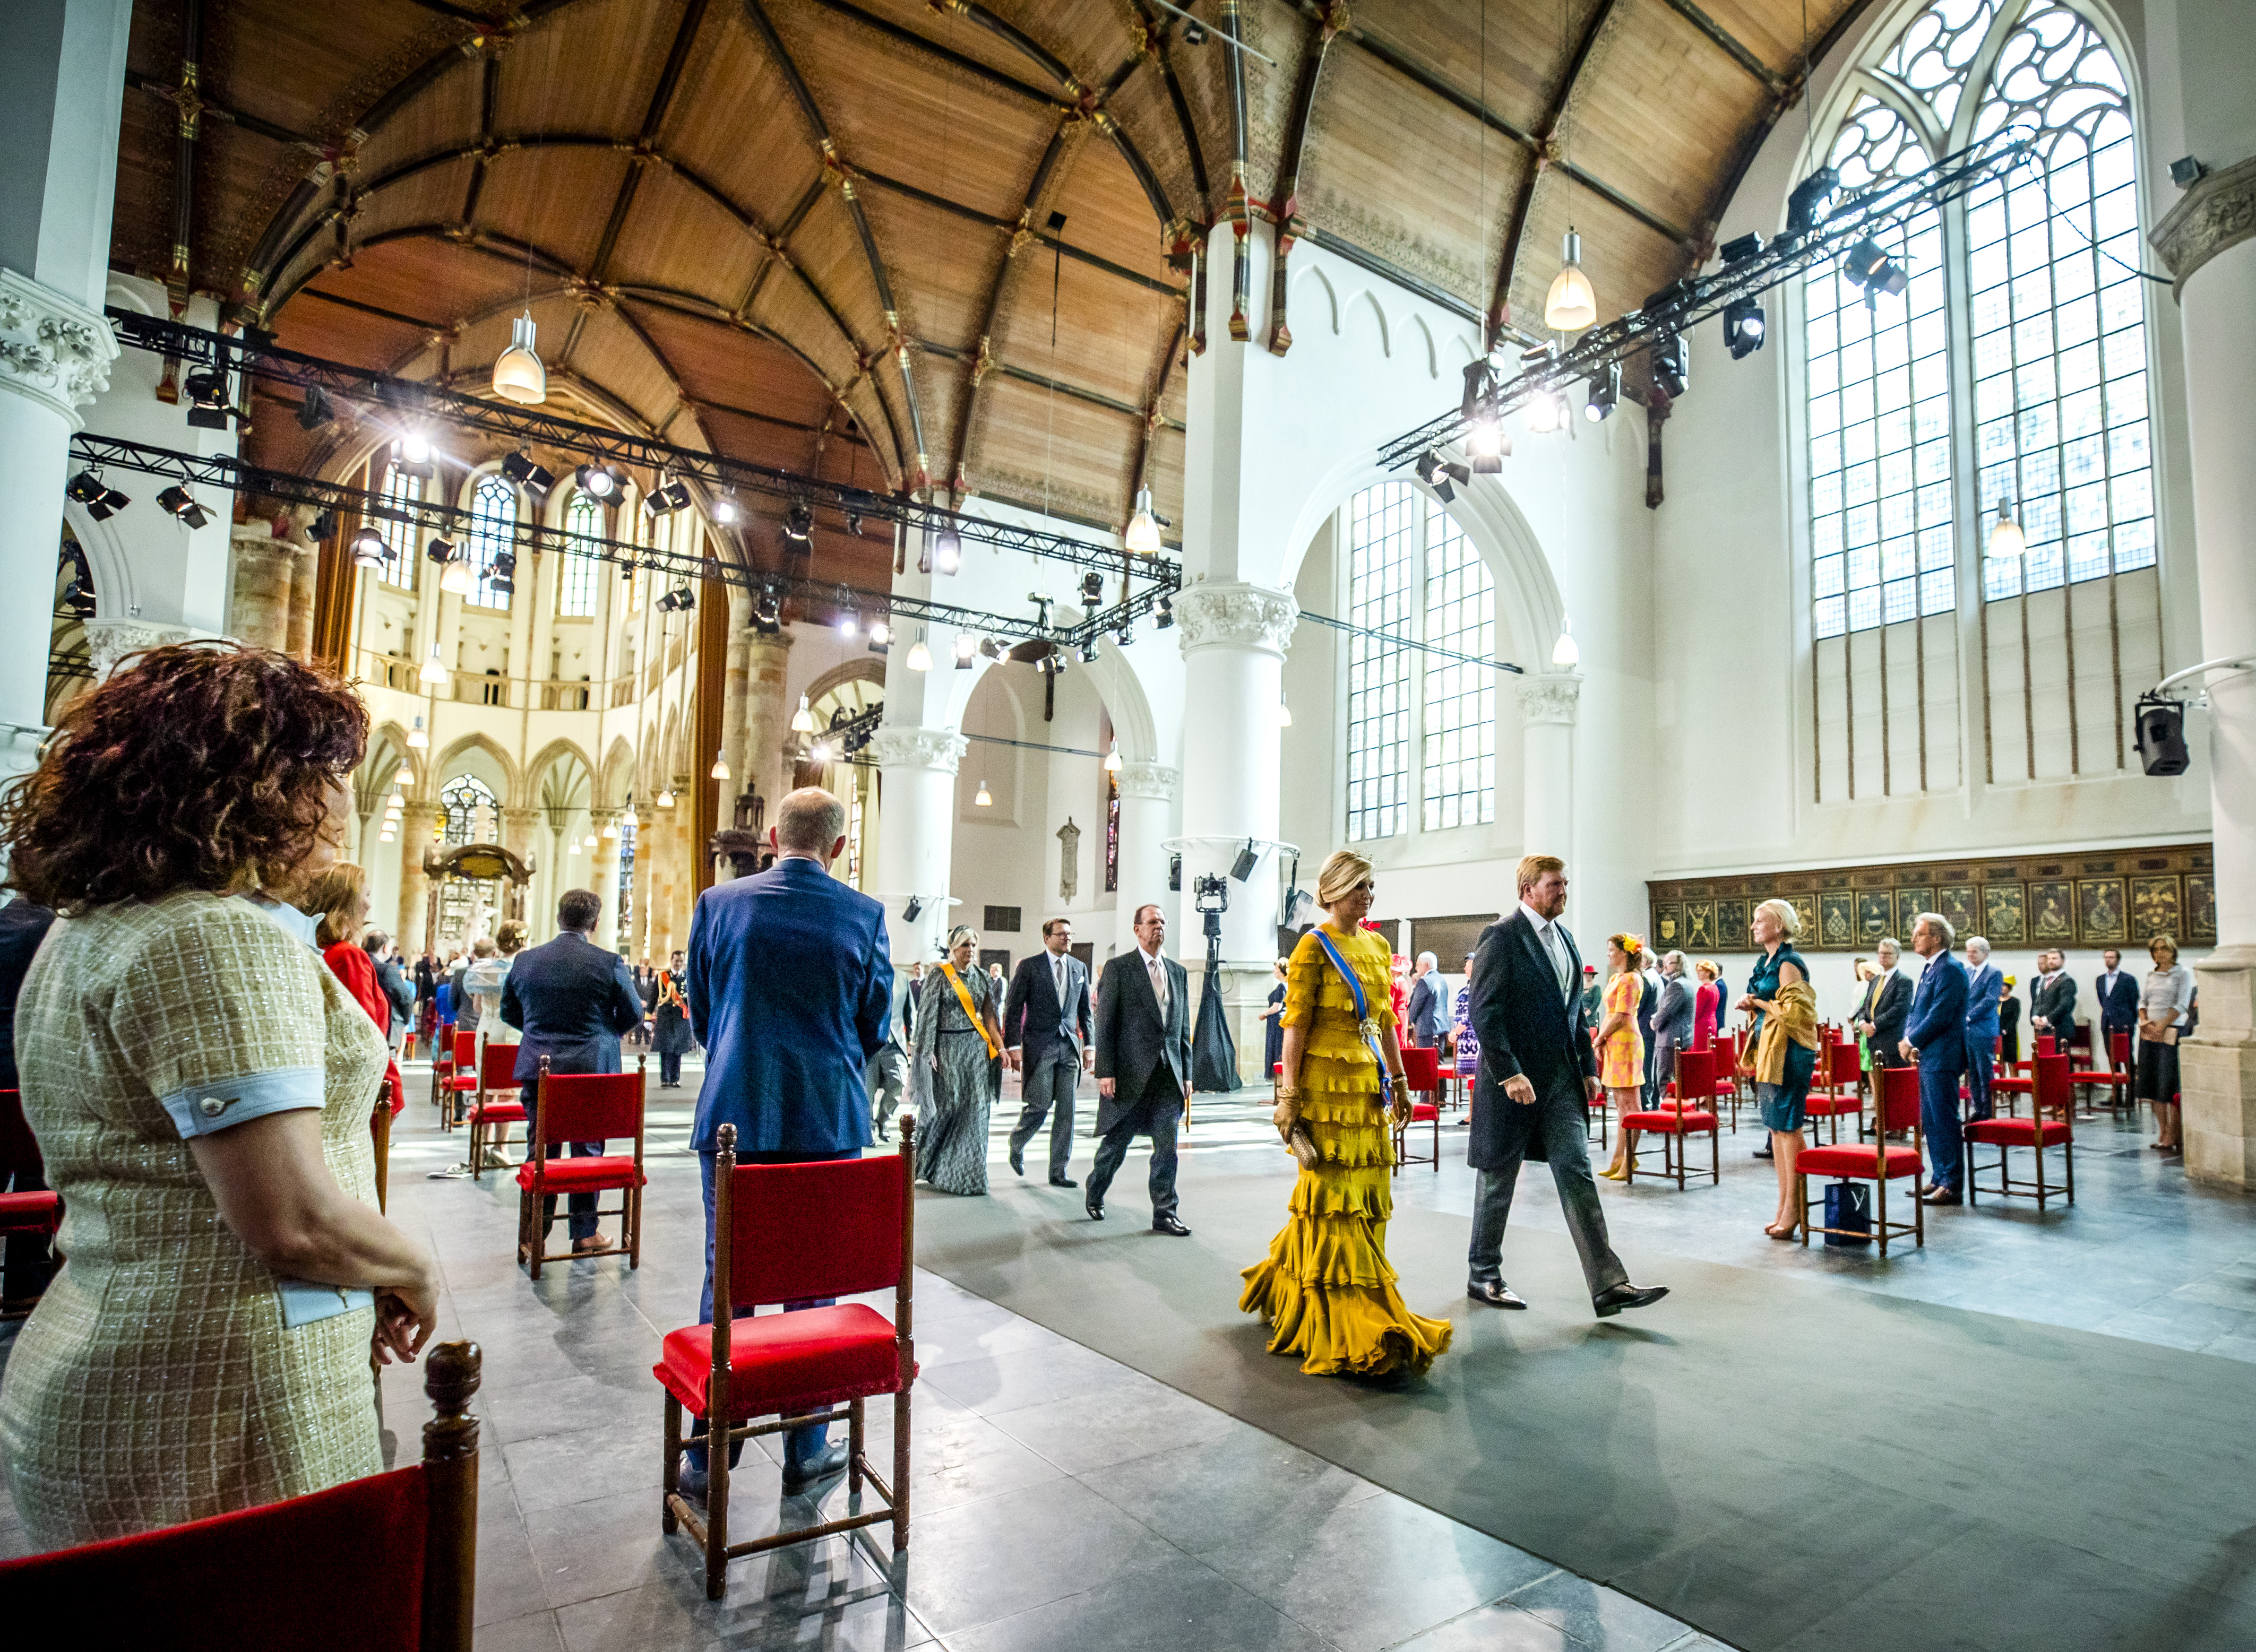 Een foto van de koning en de koningin na de Troonrede in de Grote Kerk